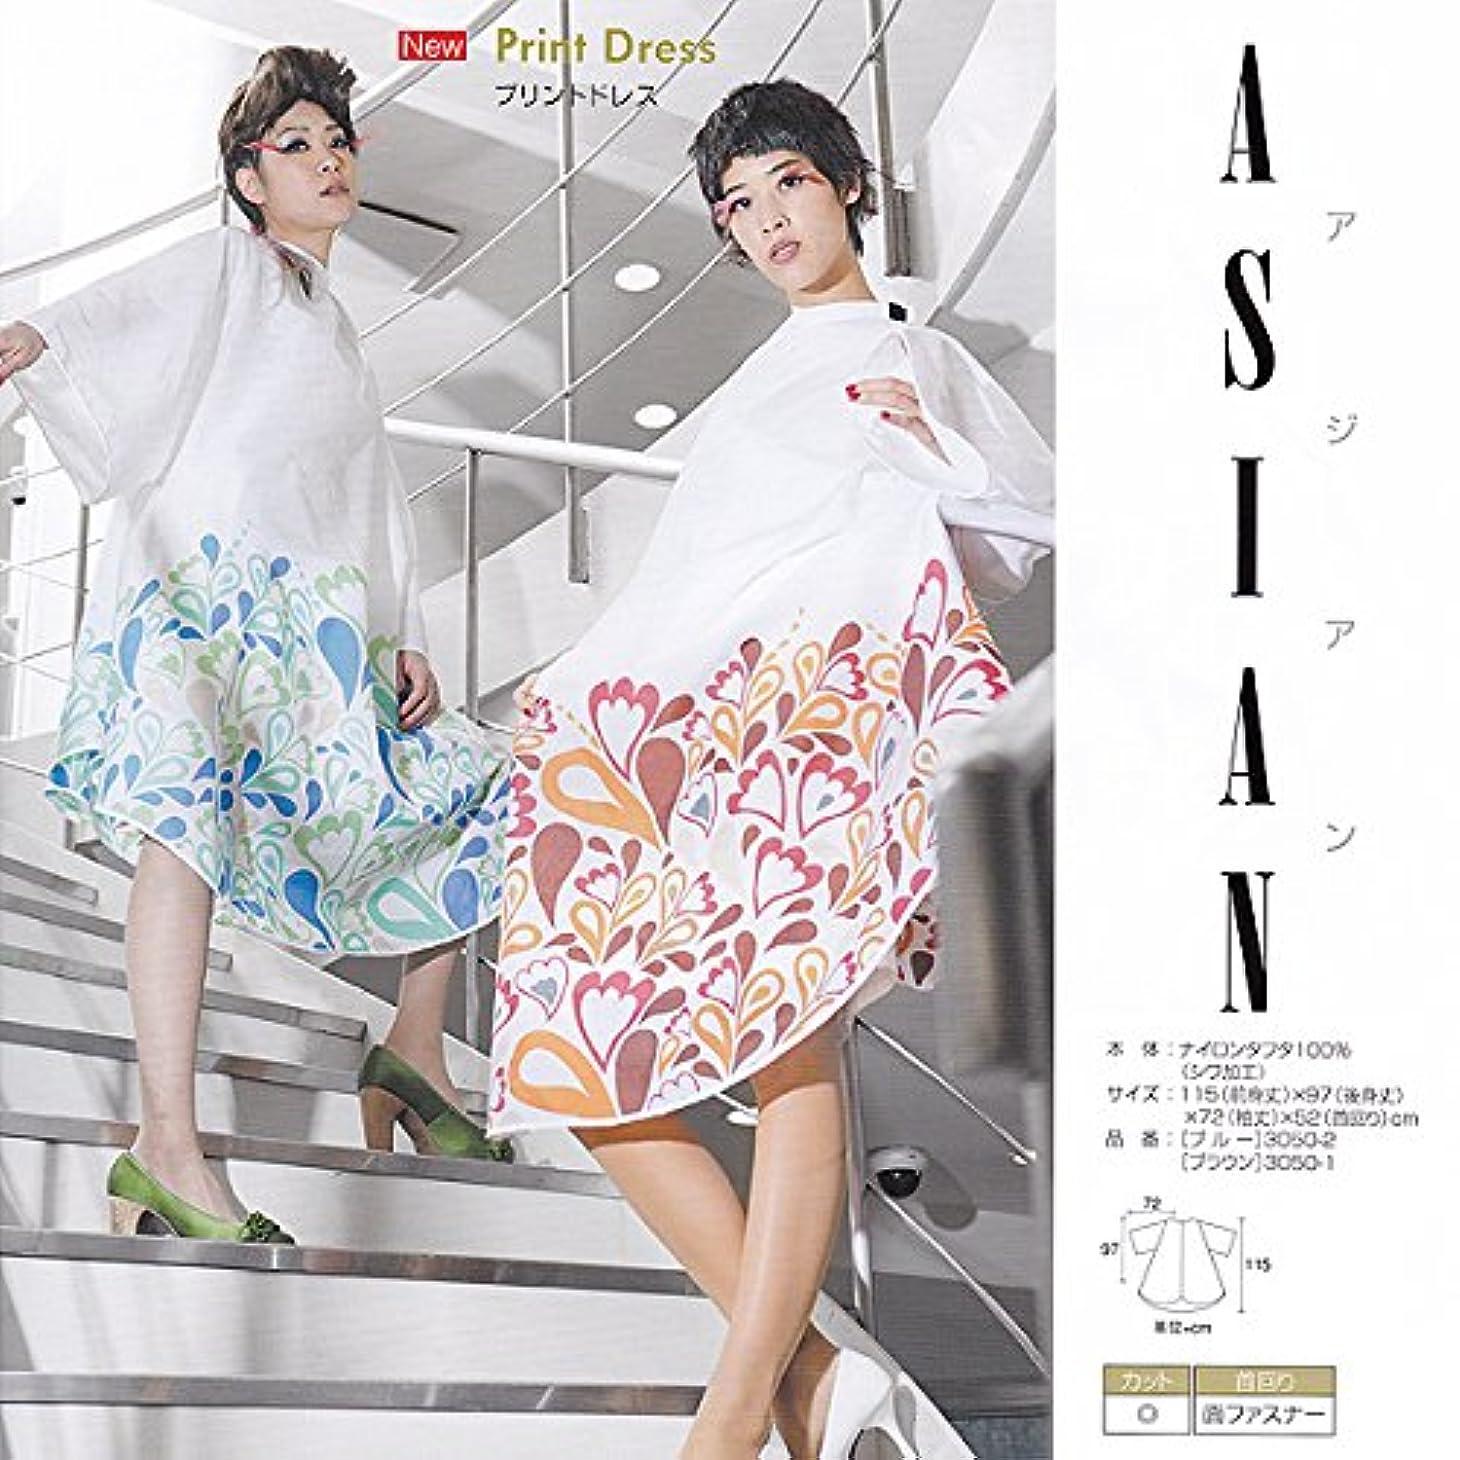 雄弁家判定逆説WAKO ASIAN アジアンプリントドレス №3050 3050-2(アジアンブルー) 115(前身丈)×97(後身丈)×72(袖丈)×52(首回リ)